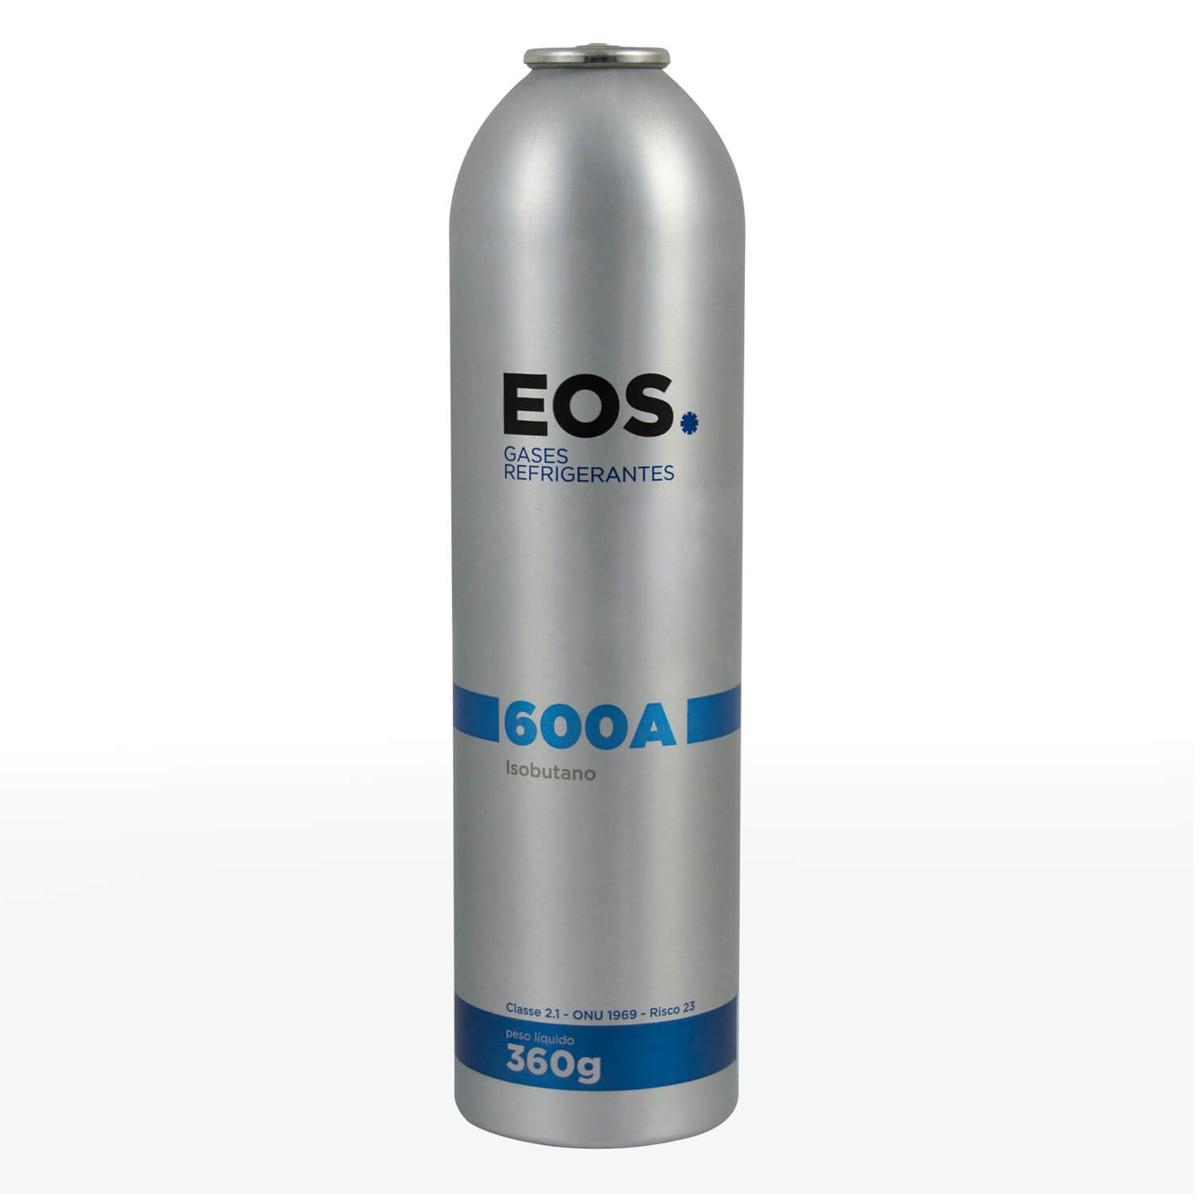 Gás Refrigerante R600a EOS Cilindro De 360g